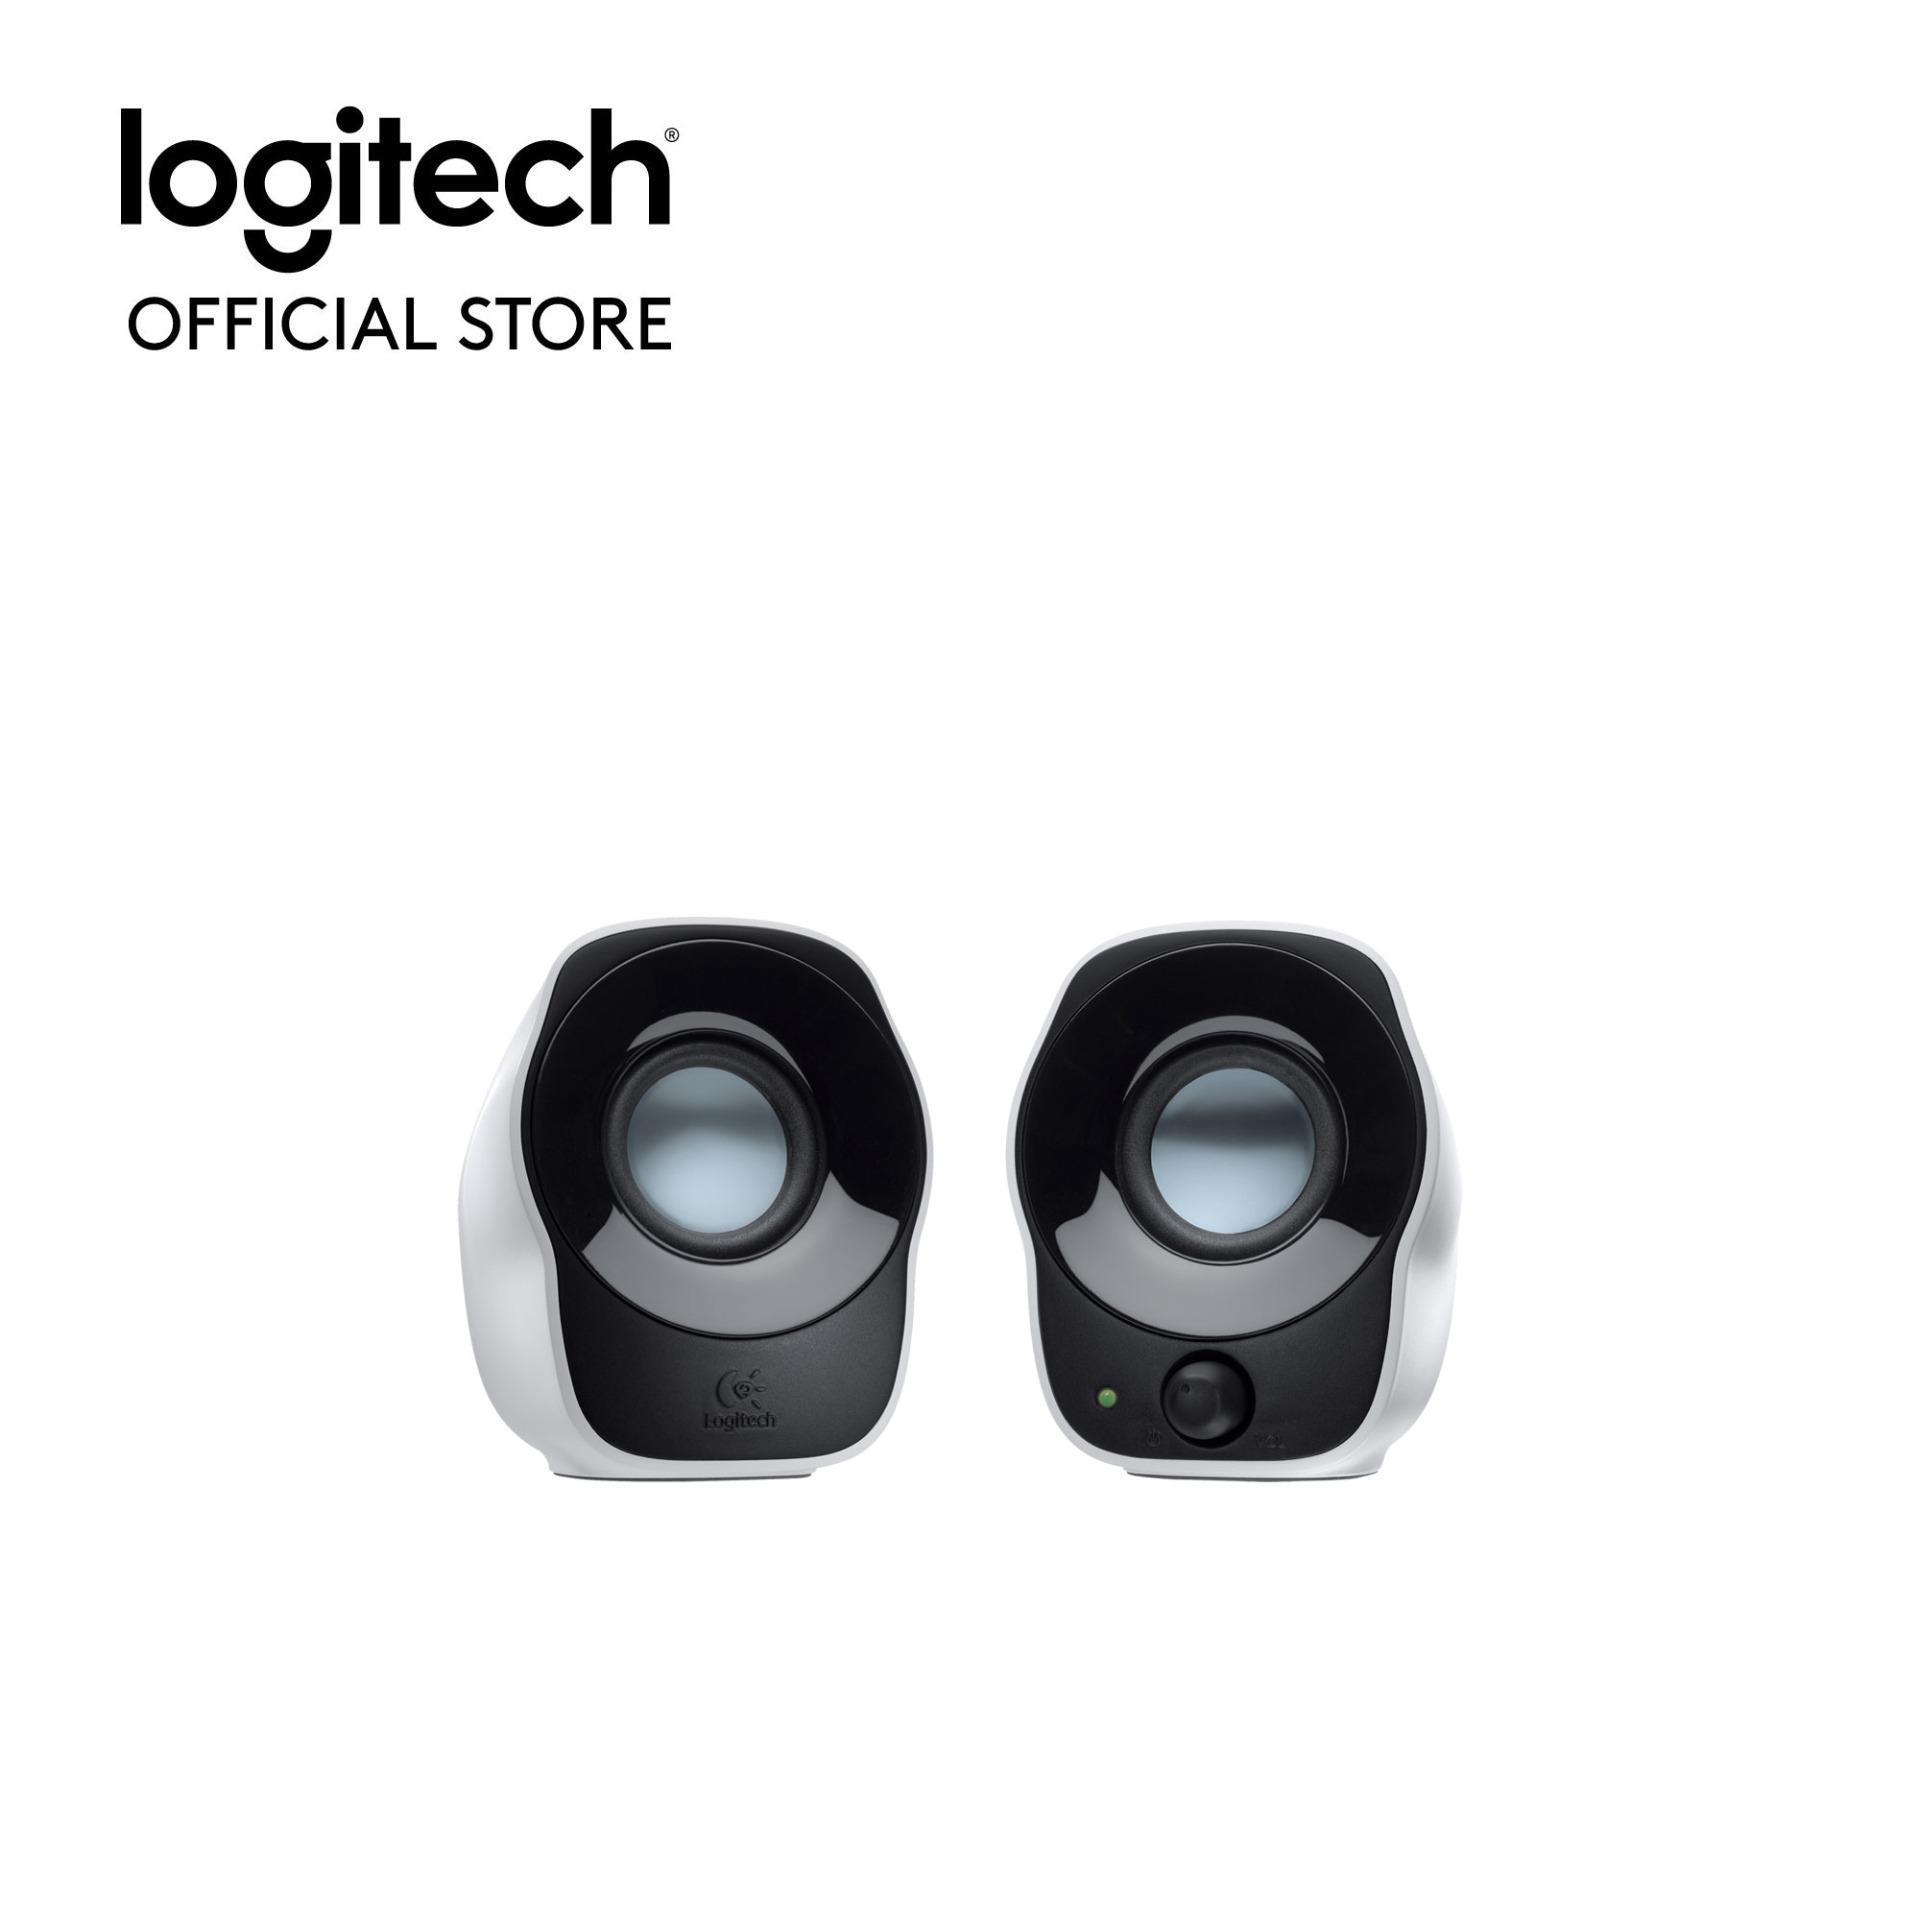 Logitech Z120 Stereo Speaker Putih Logitech Murah Di Indonesia